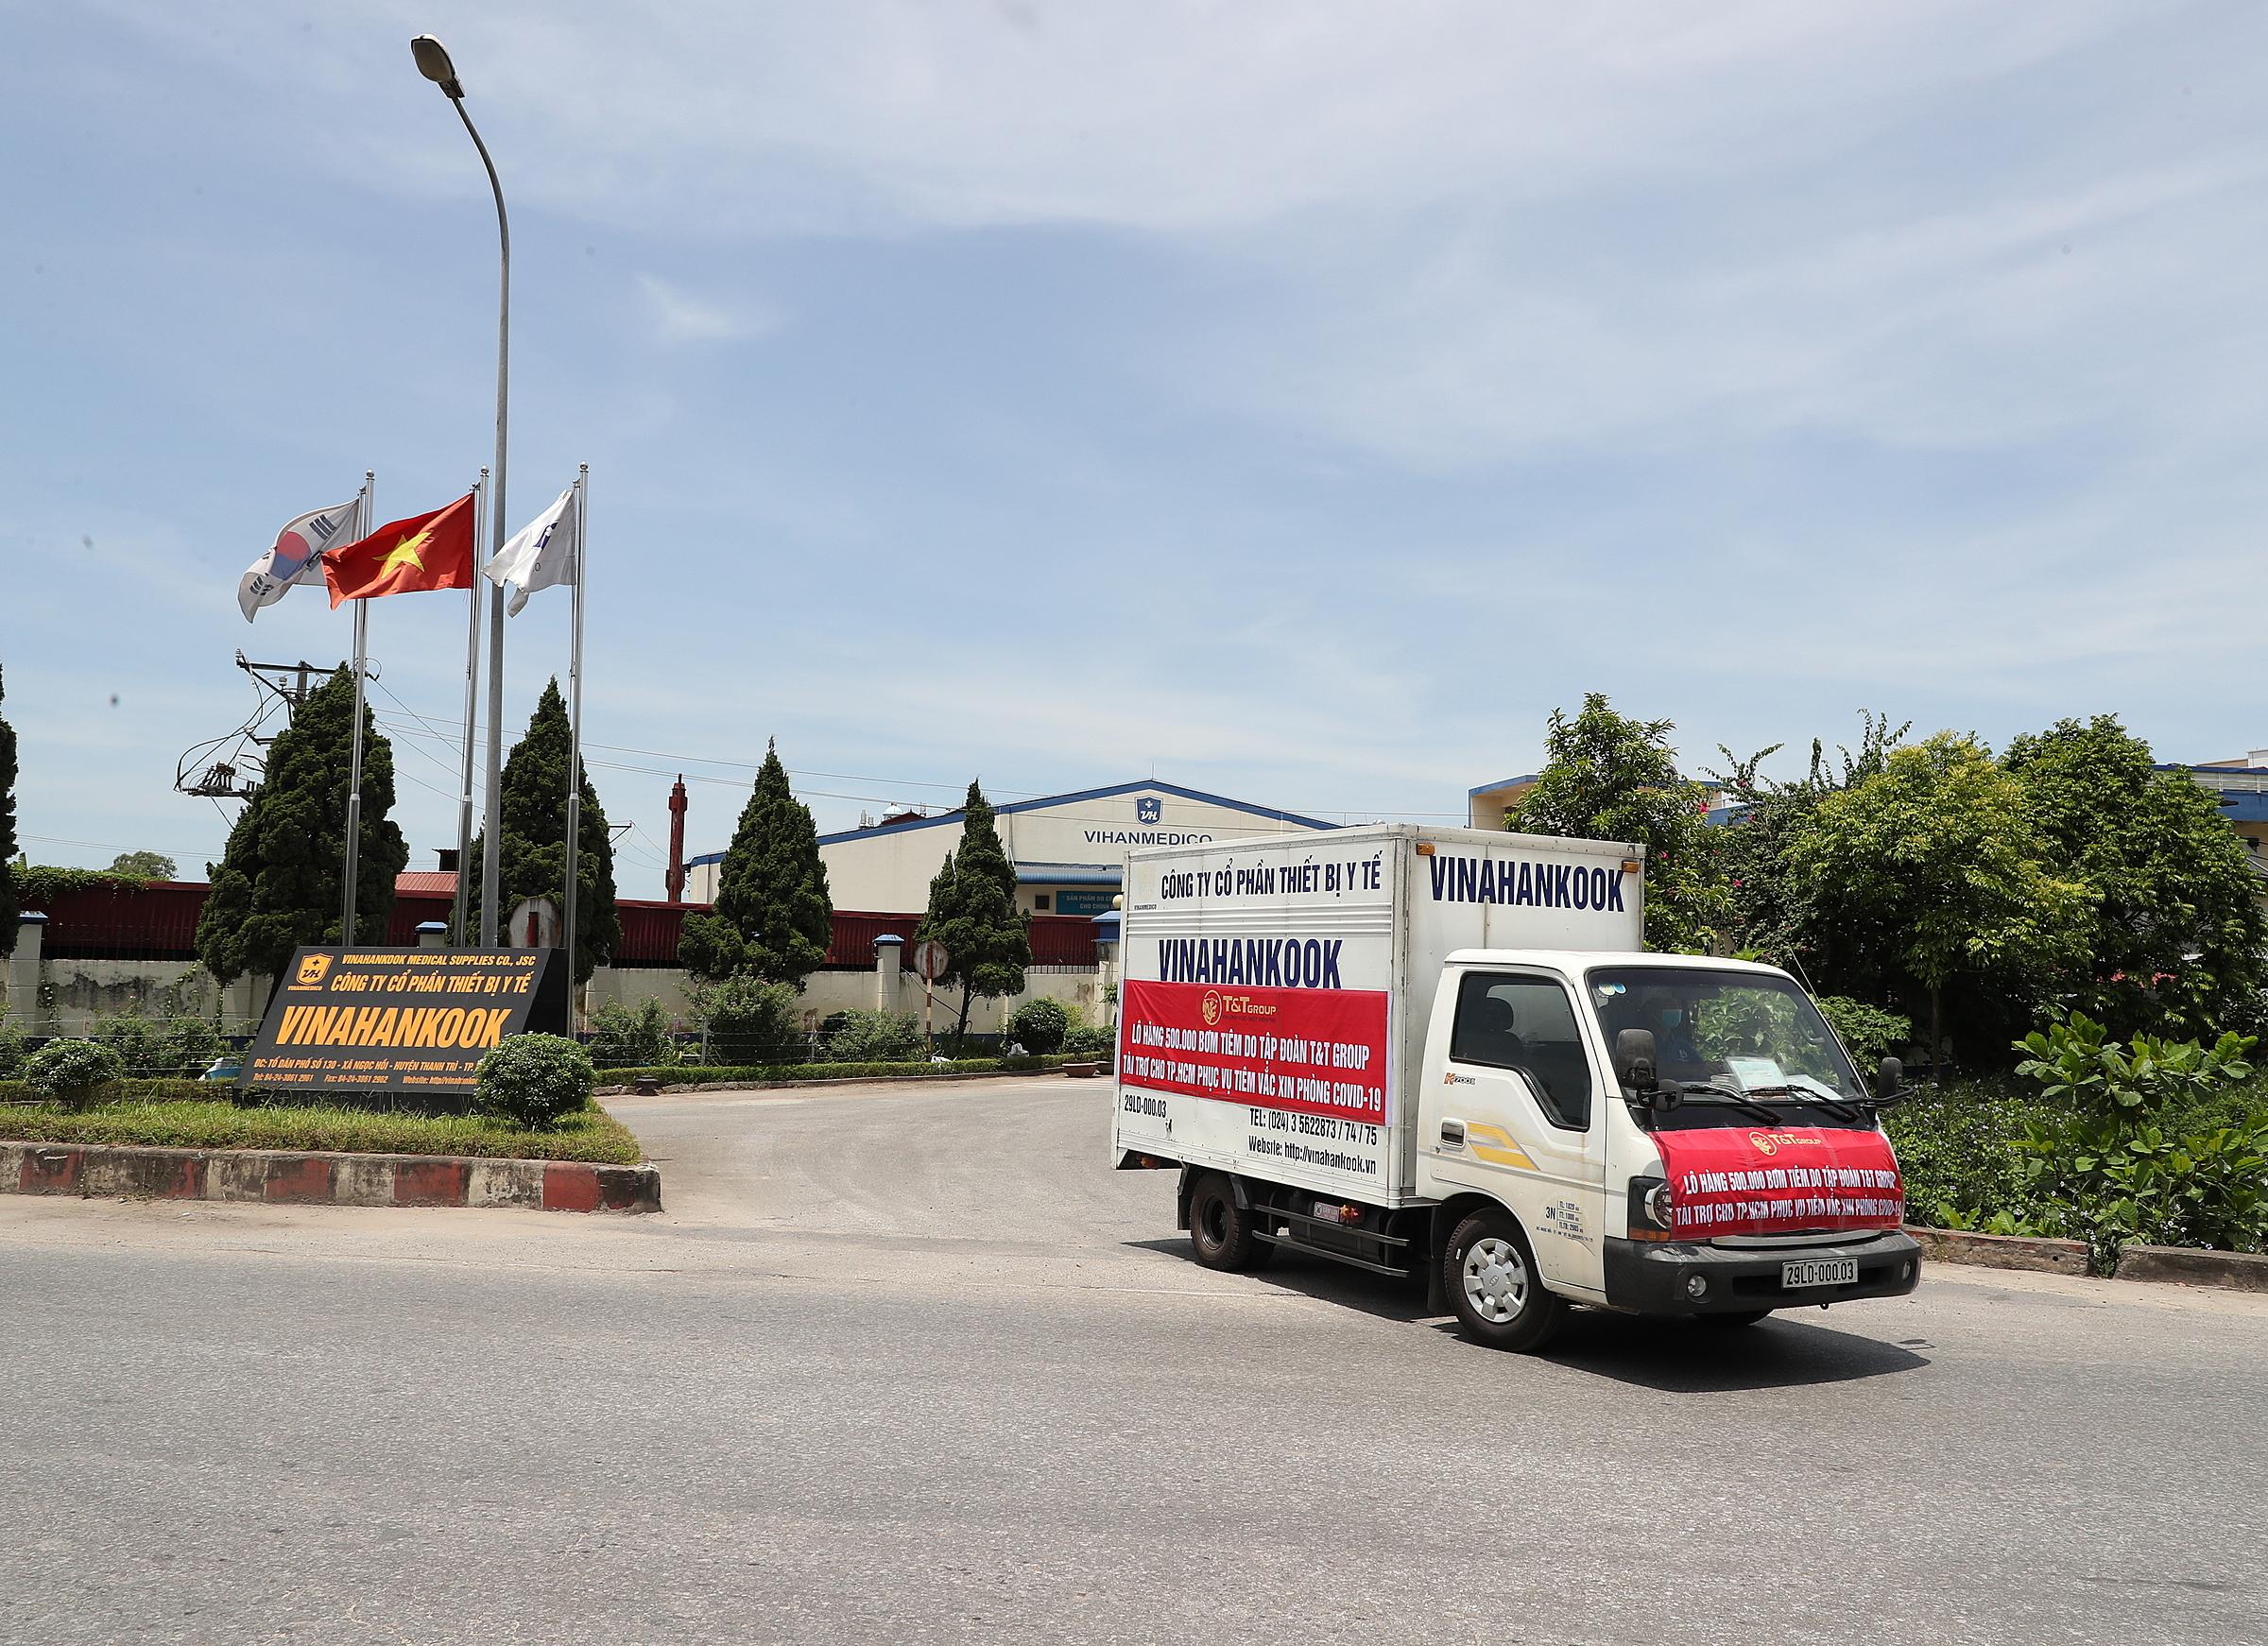 Lô hàng rời nhà máy của Công ty thiết bị y tế Vinahankook tại Hà Nội để vận chuyển vào TP HCM bằng đường hàng không. Ảnh: T&T Group.